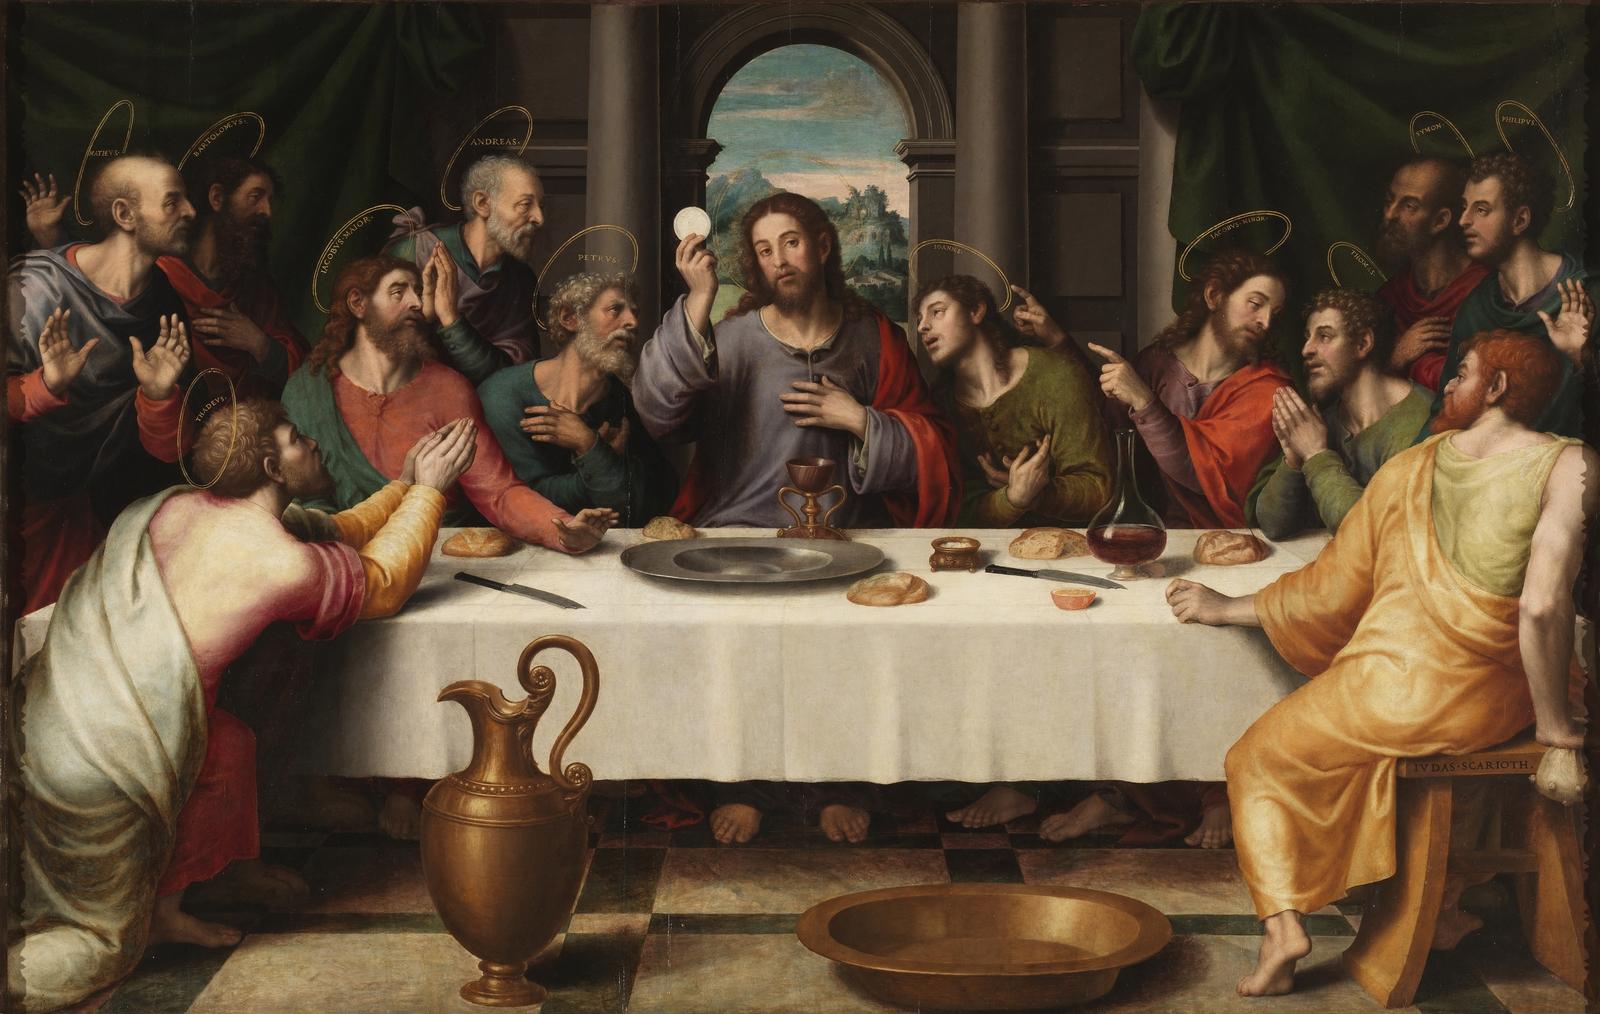 ¿Cómo podemos Elevarnos al Cielo con la Eucaristía?